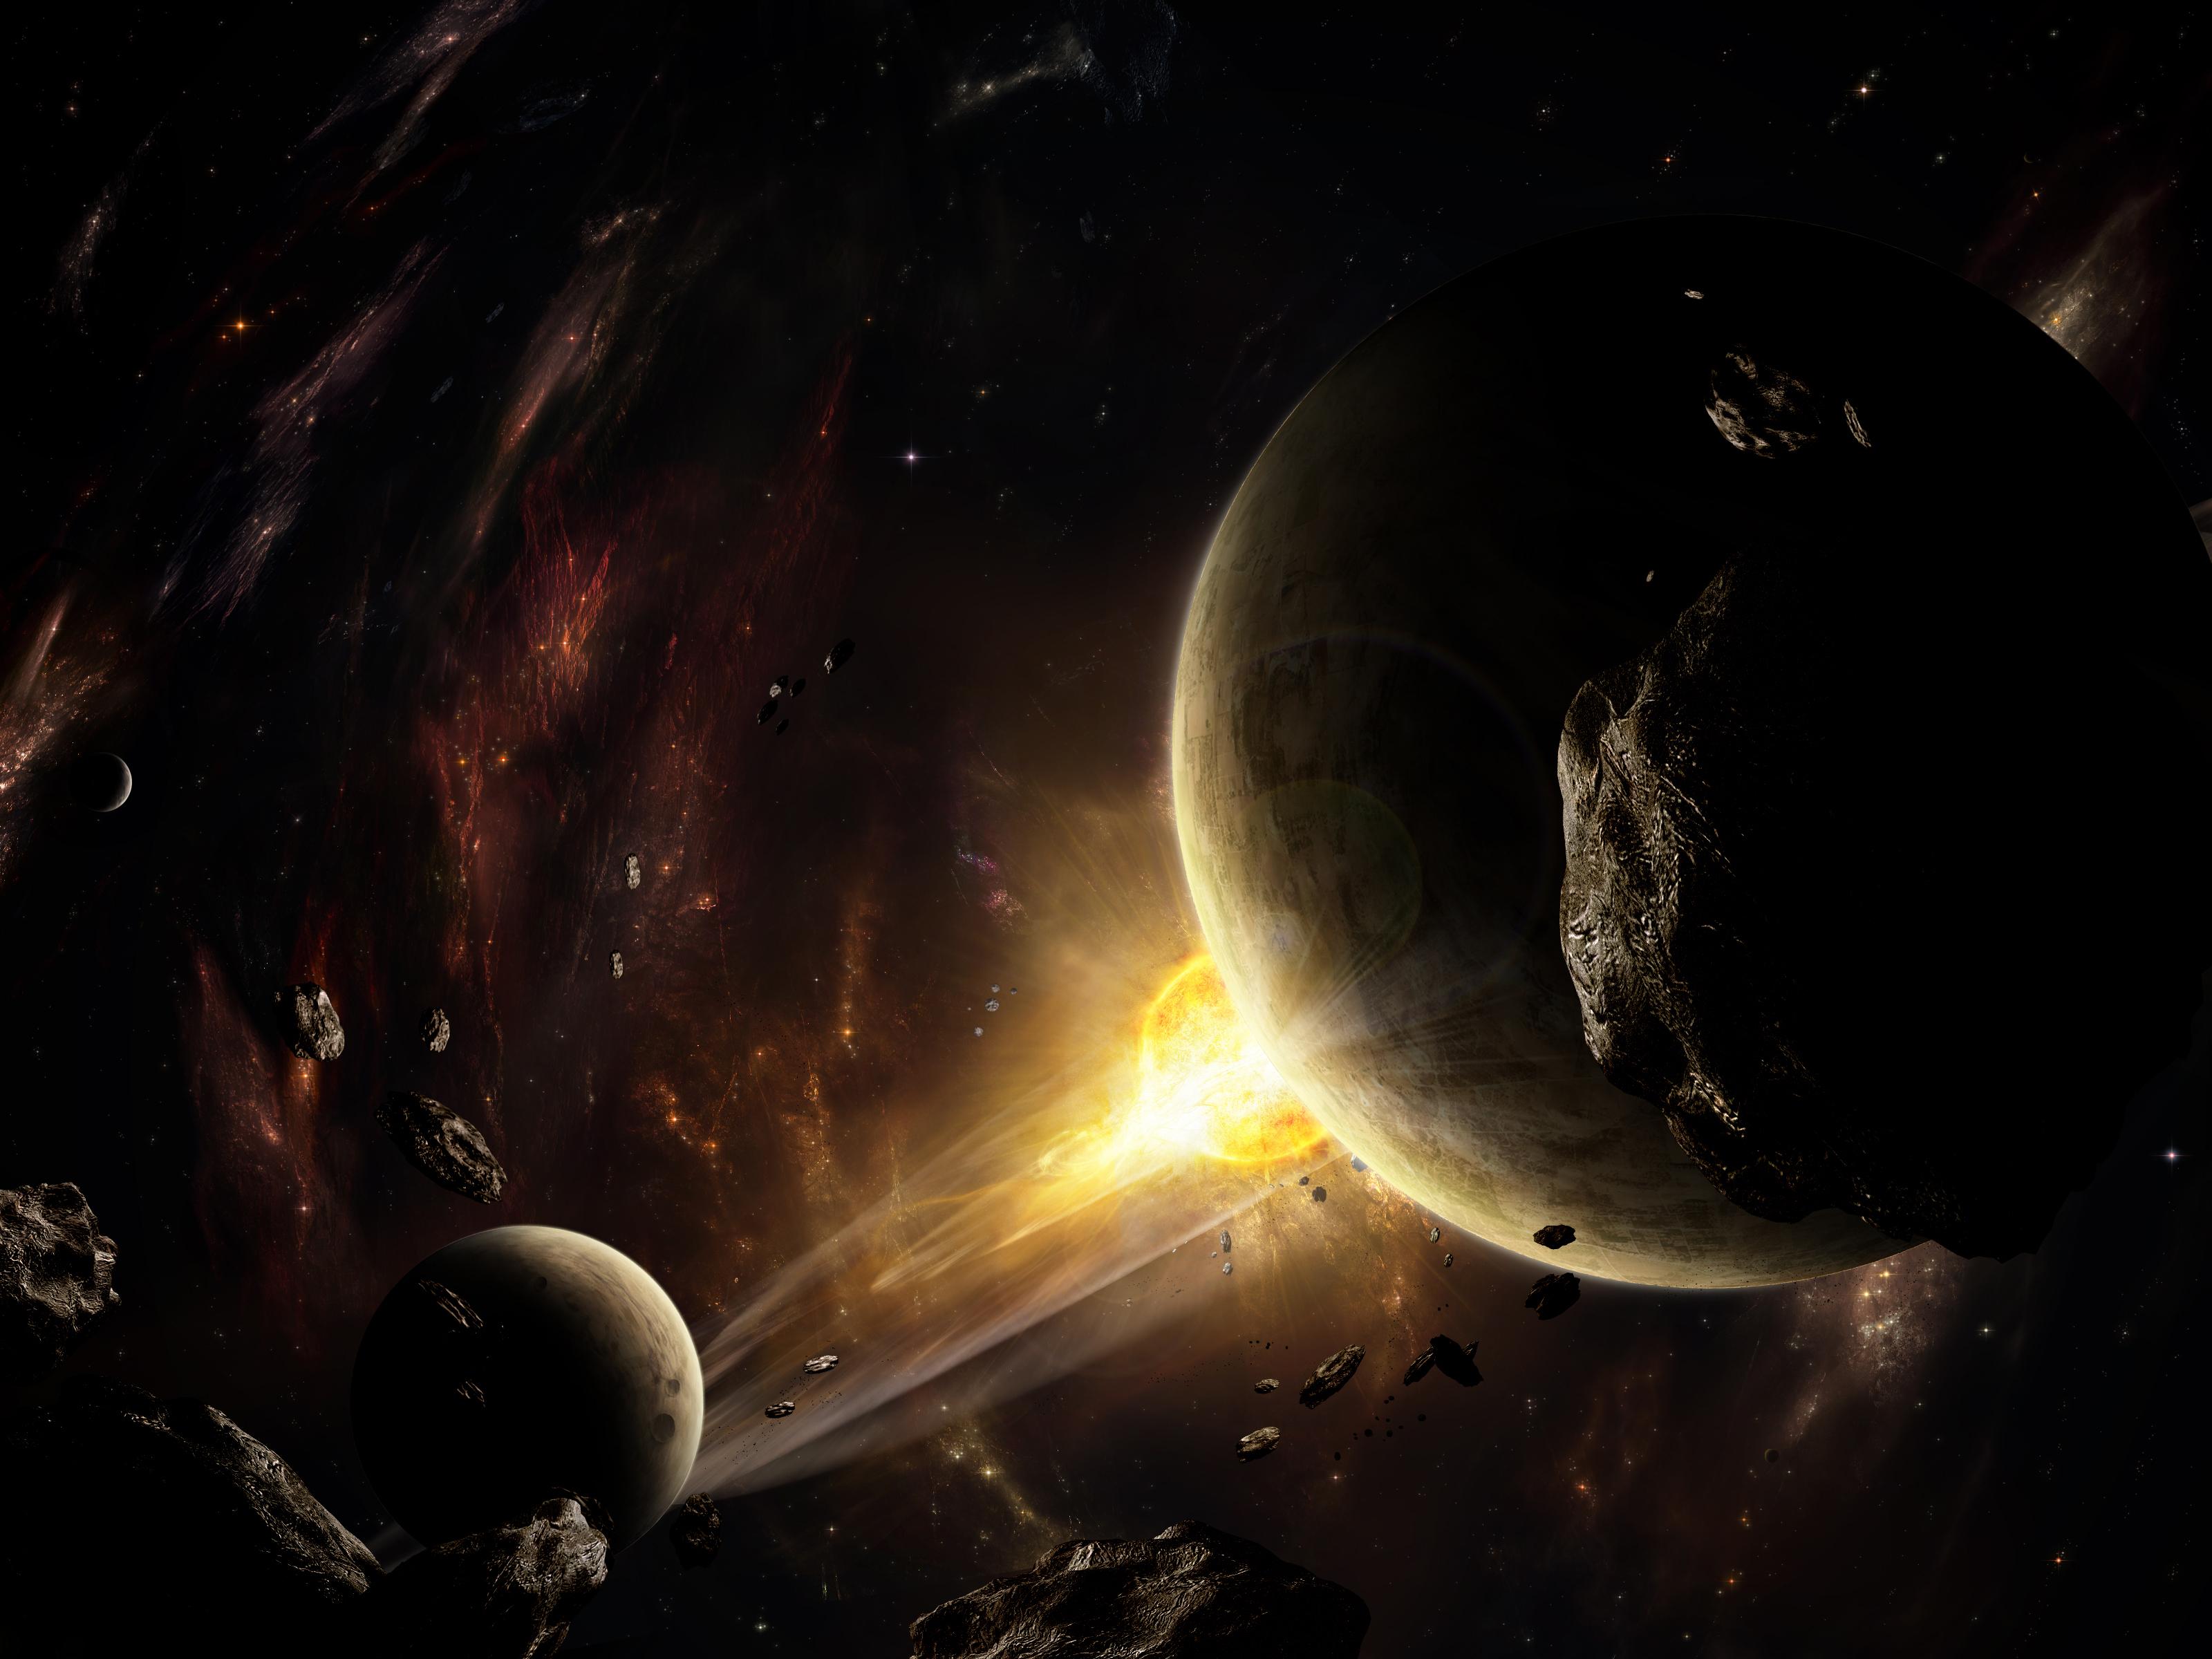 Обои космос планета кольна звезда картинки на рабочий стол на тему Космос - скачать бесплатно